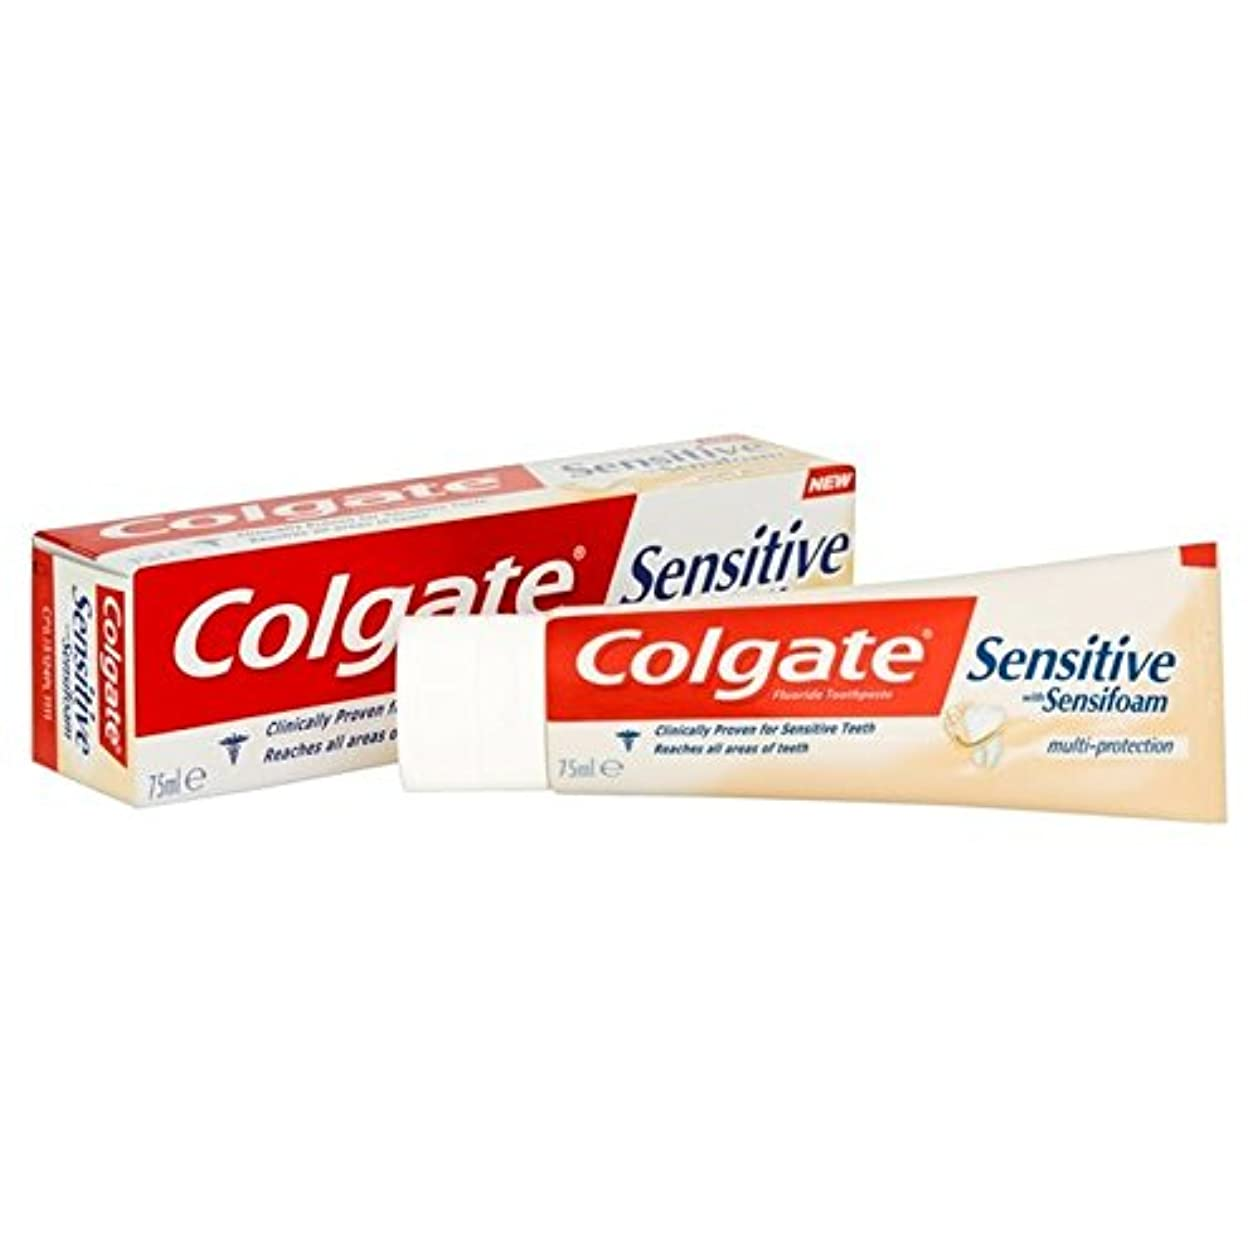 ハードウェア浜辺装置Colgate Sensitive Foam Multi Protect Toothpaste 75ml (Pack of 6) - コルゲート敏感な泡は、マルチ歯磨き粉75ミリリットルを保護します x6 [並行輸入品]